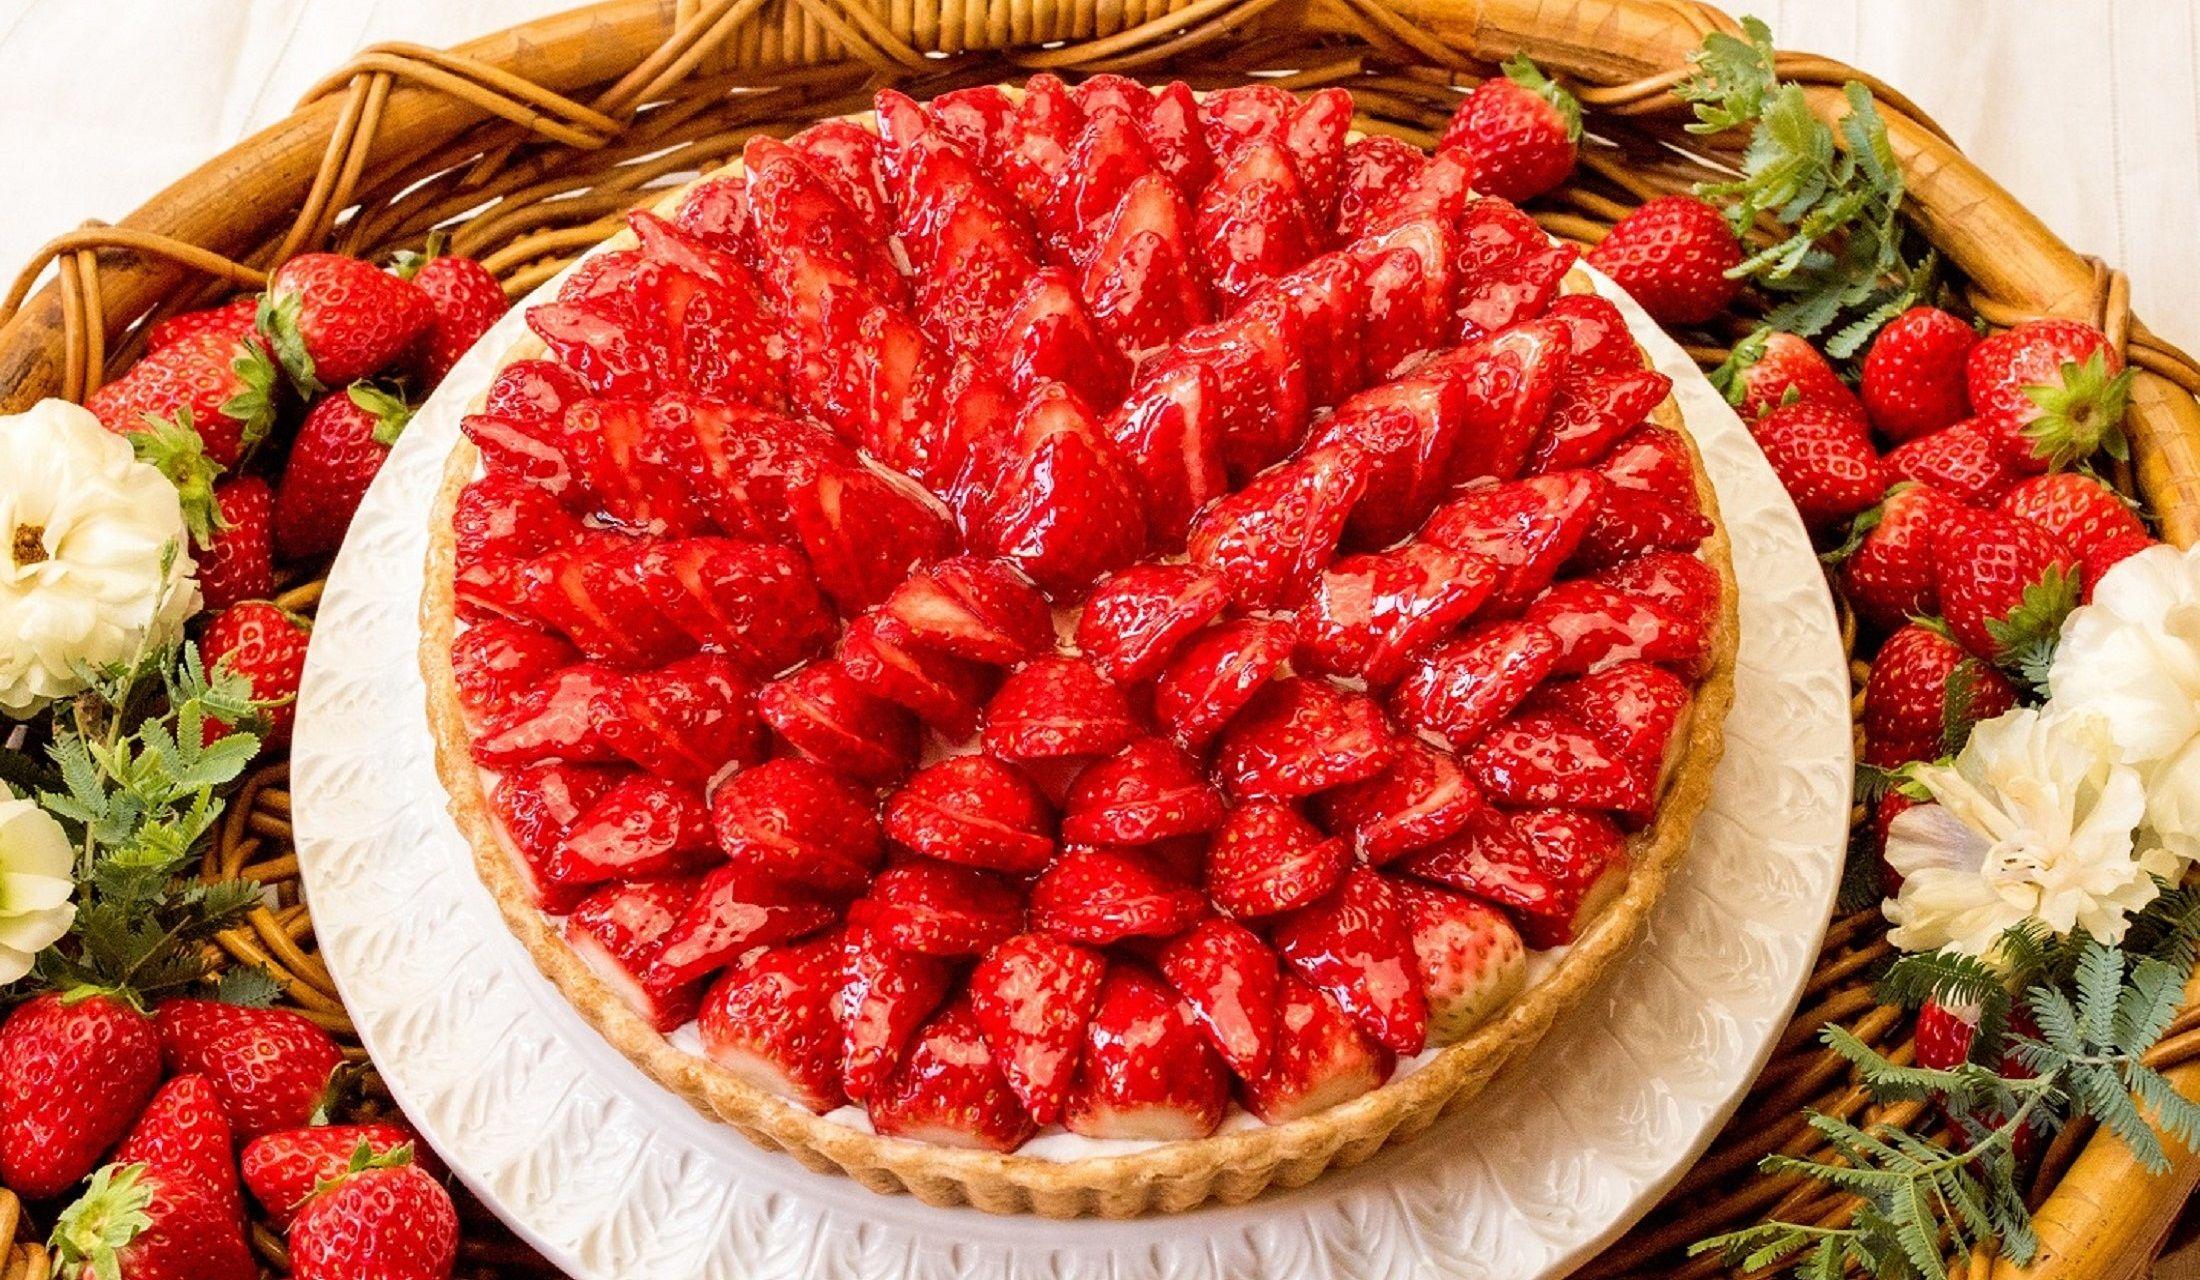 フルーツタルト専門店キル フェ ボン のホワイトデー限定「イチゴとホワイトチョコババロアのタルト」